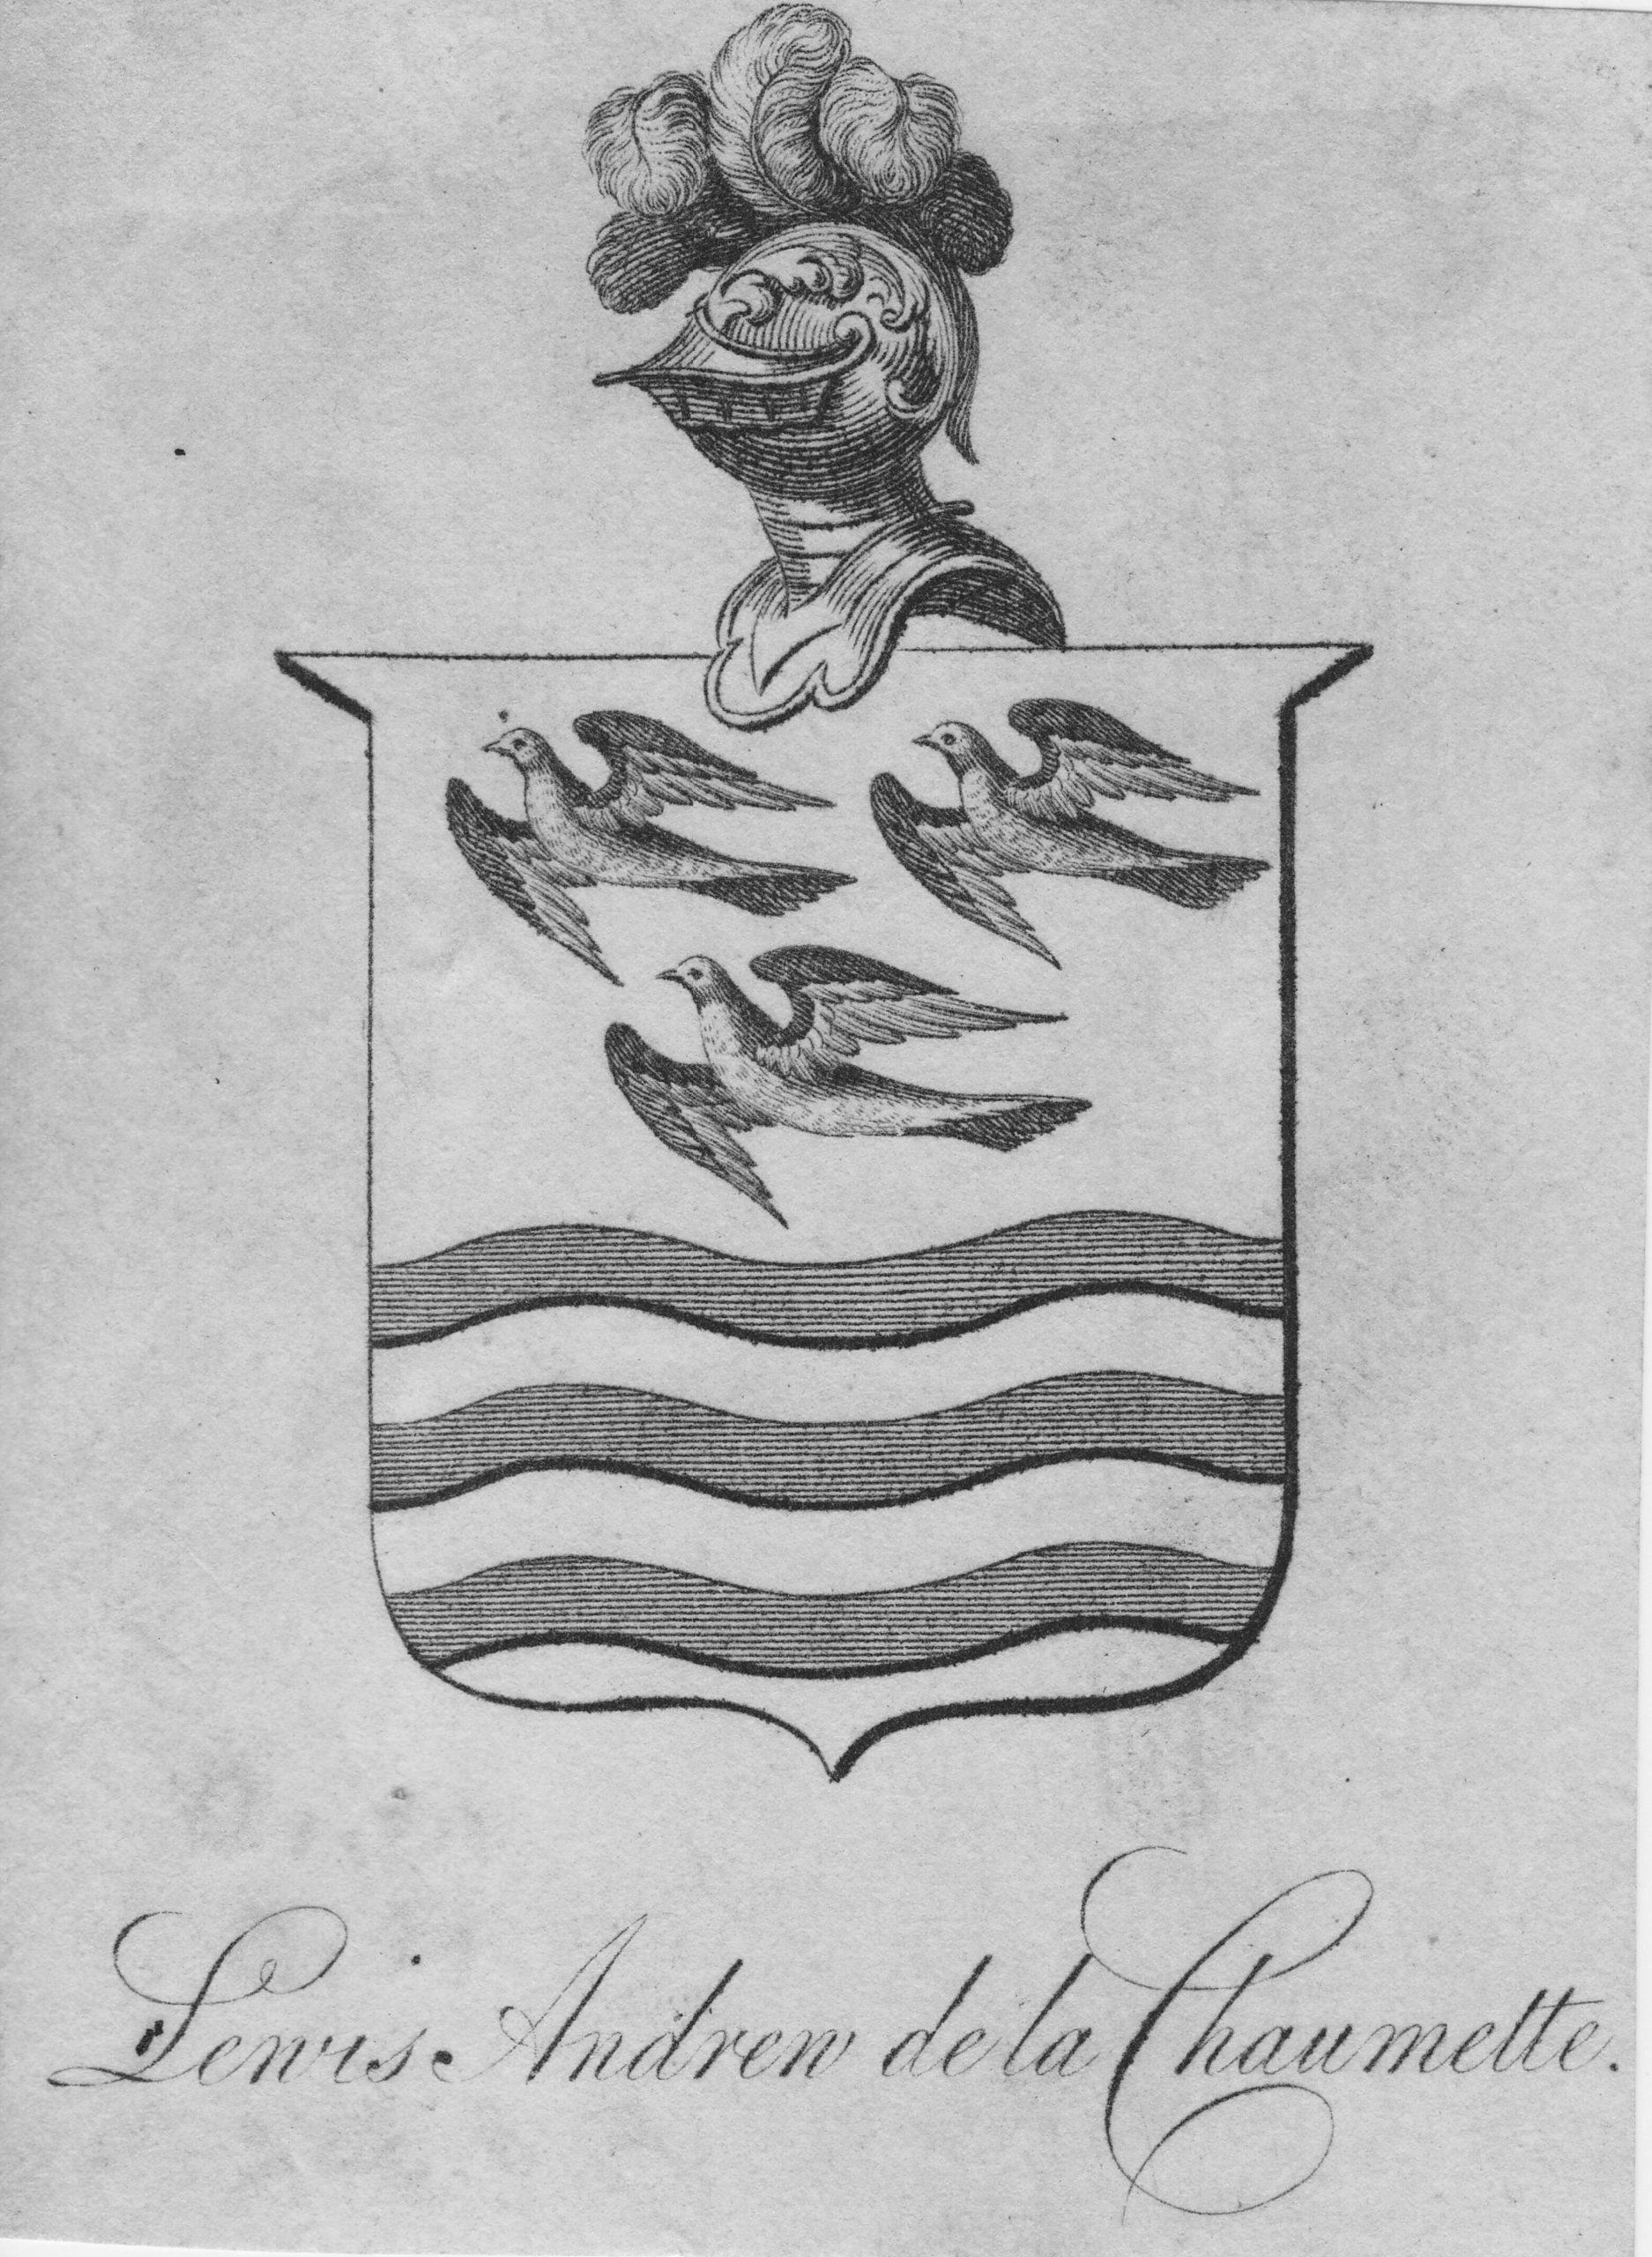 Lewis Andrew de la Chaumette